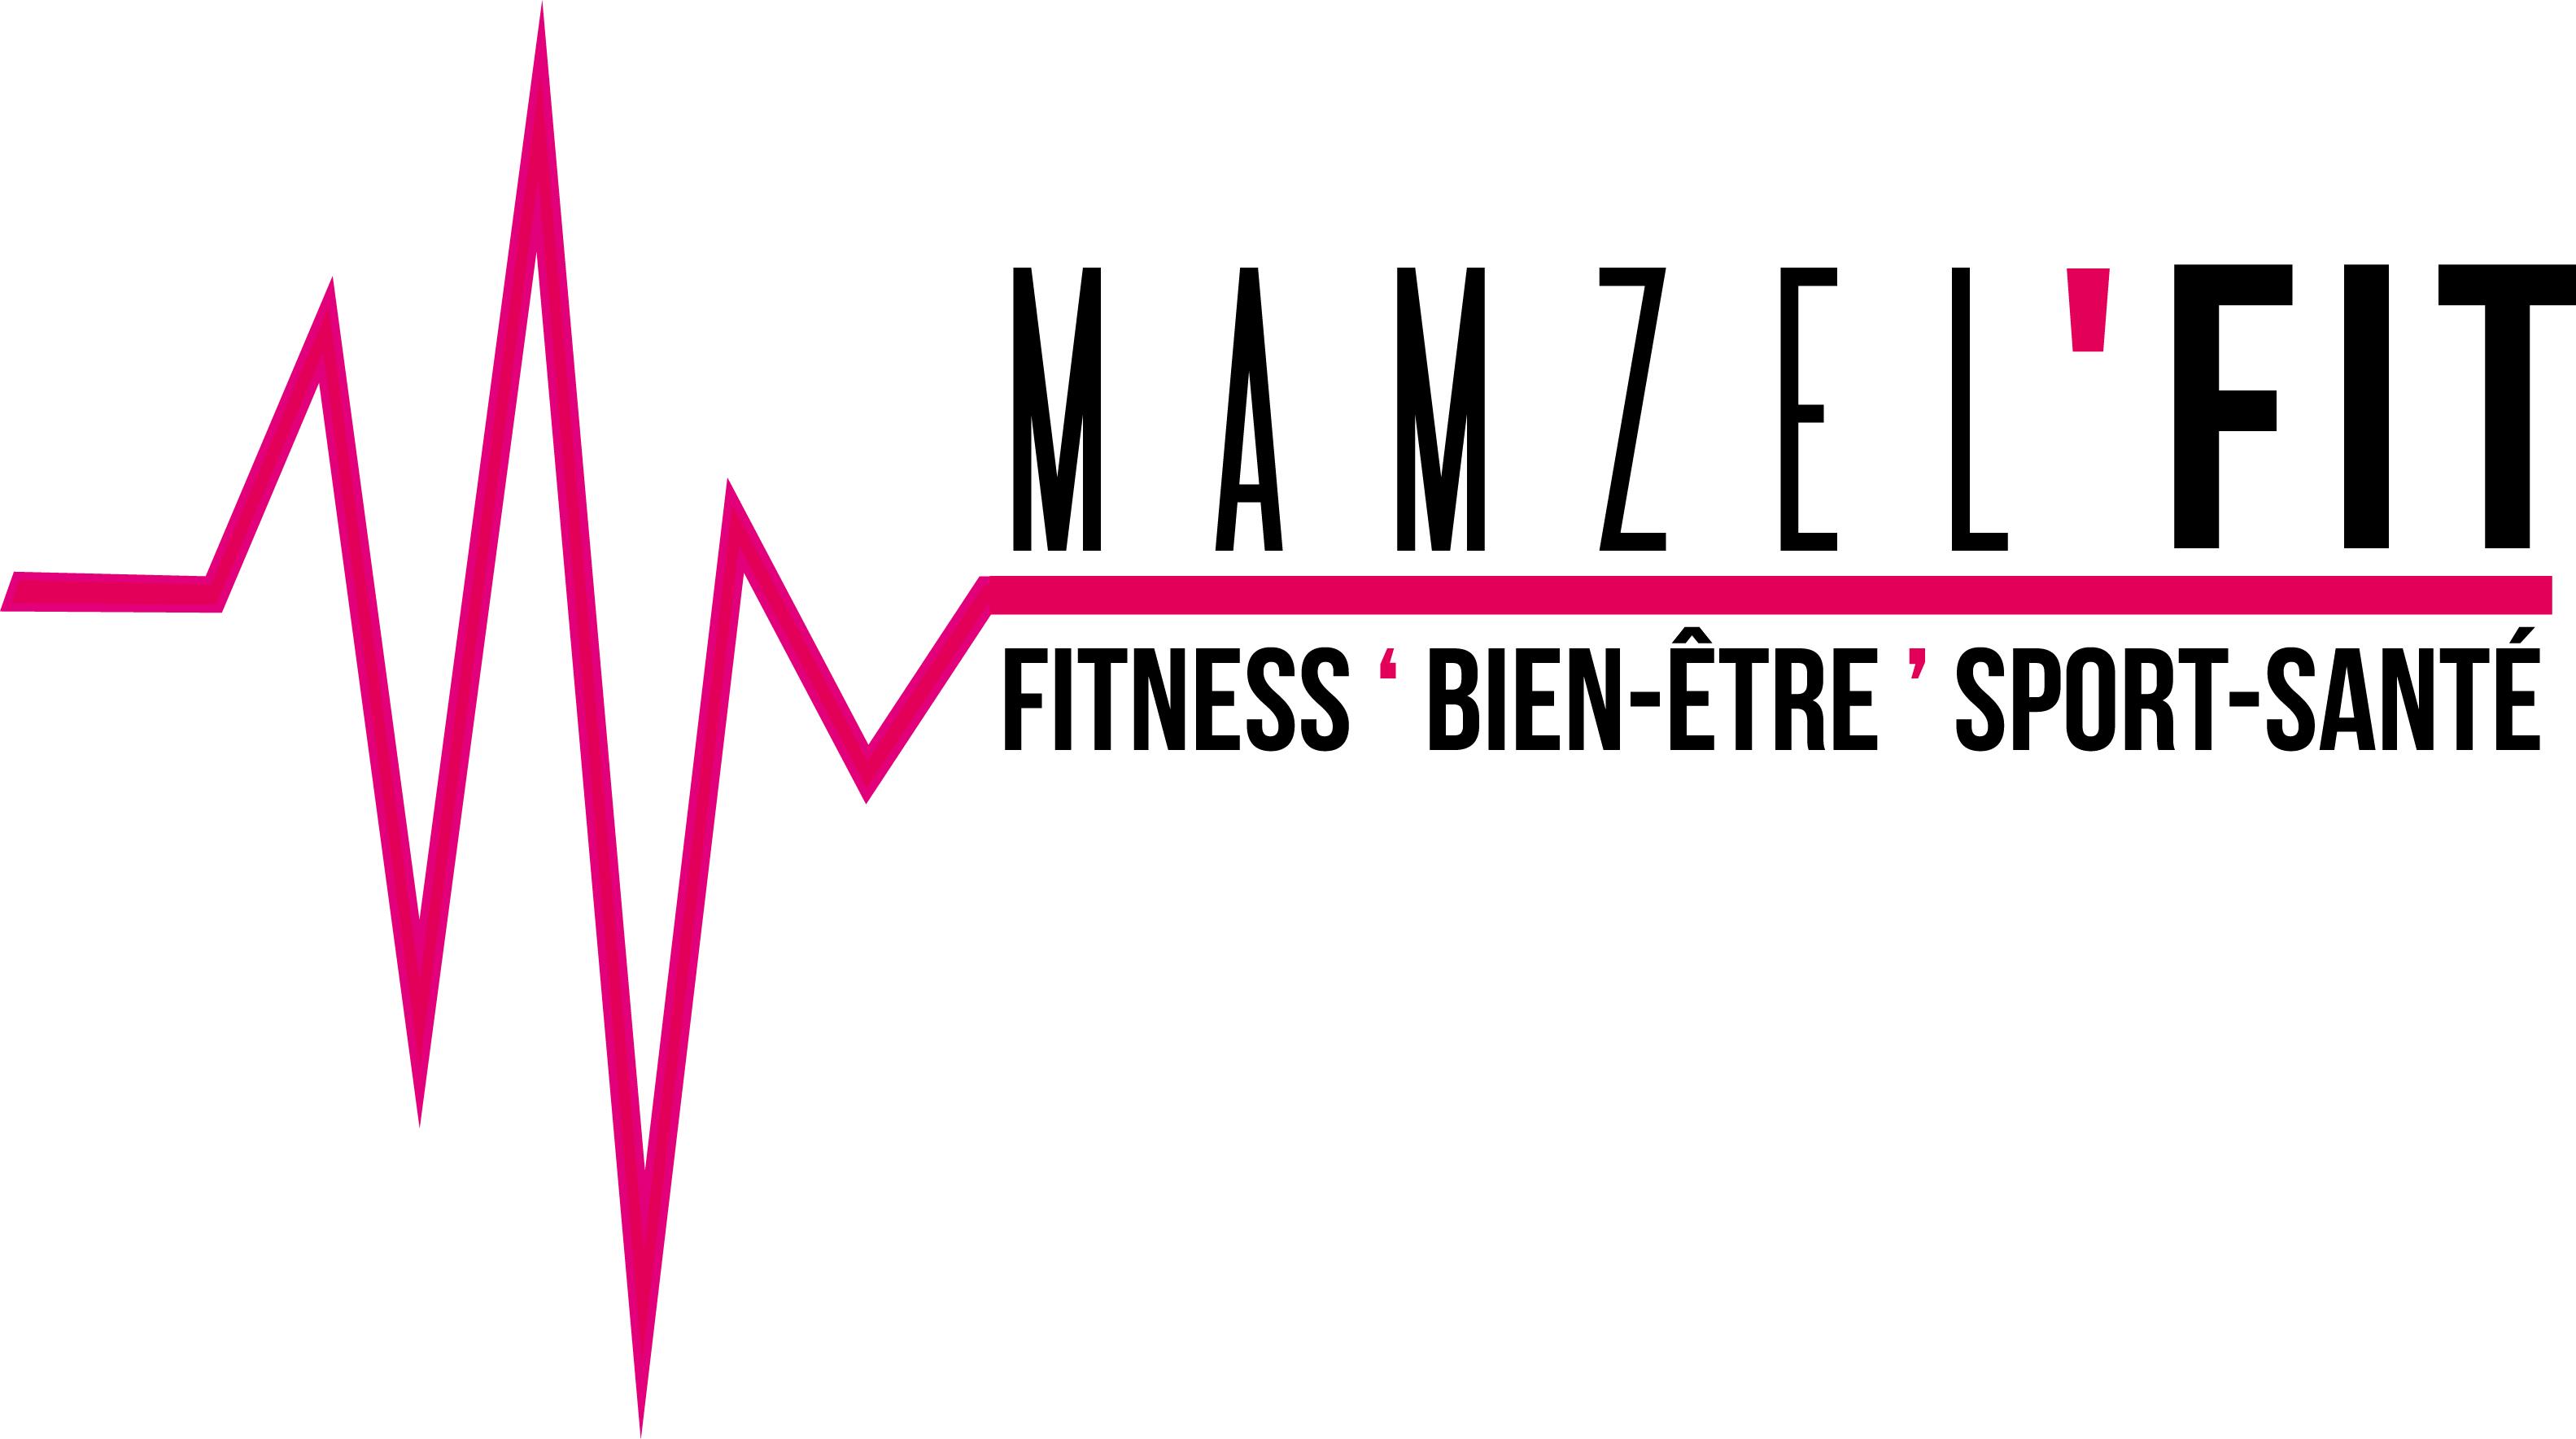 MAMZEL'FIT | Création | Logo Vectoriel